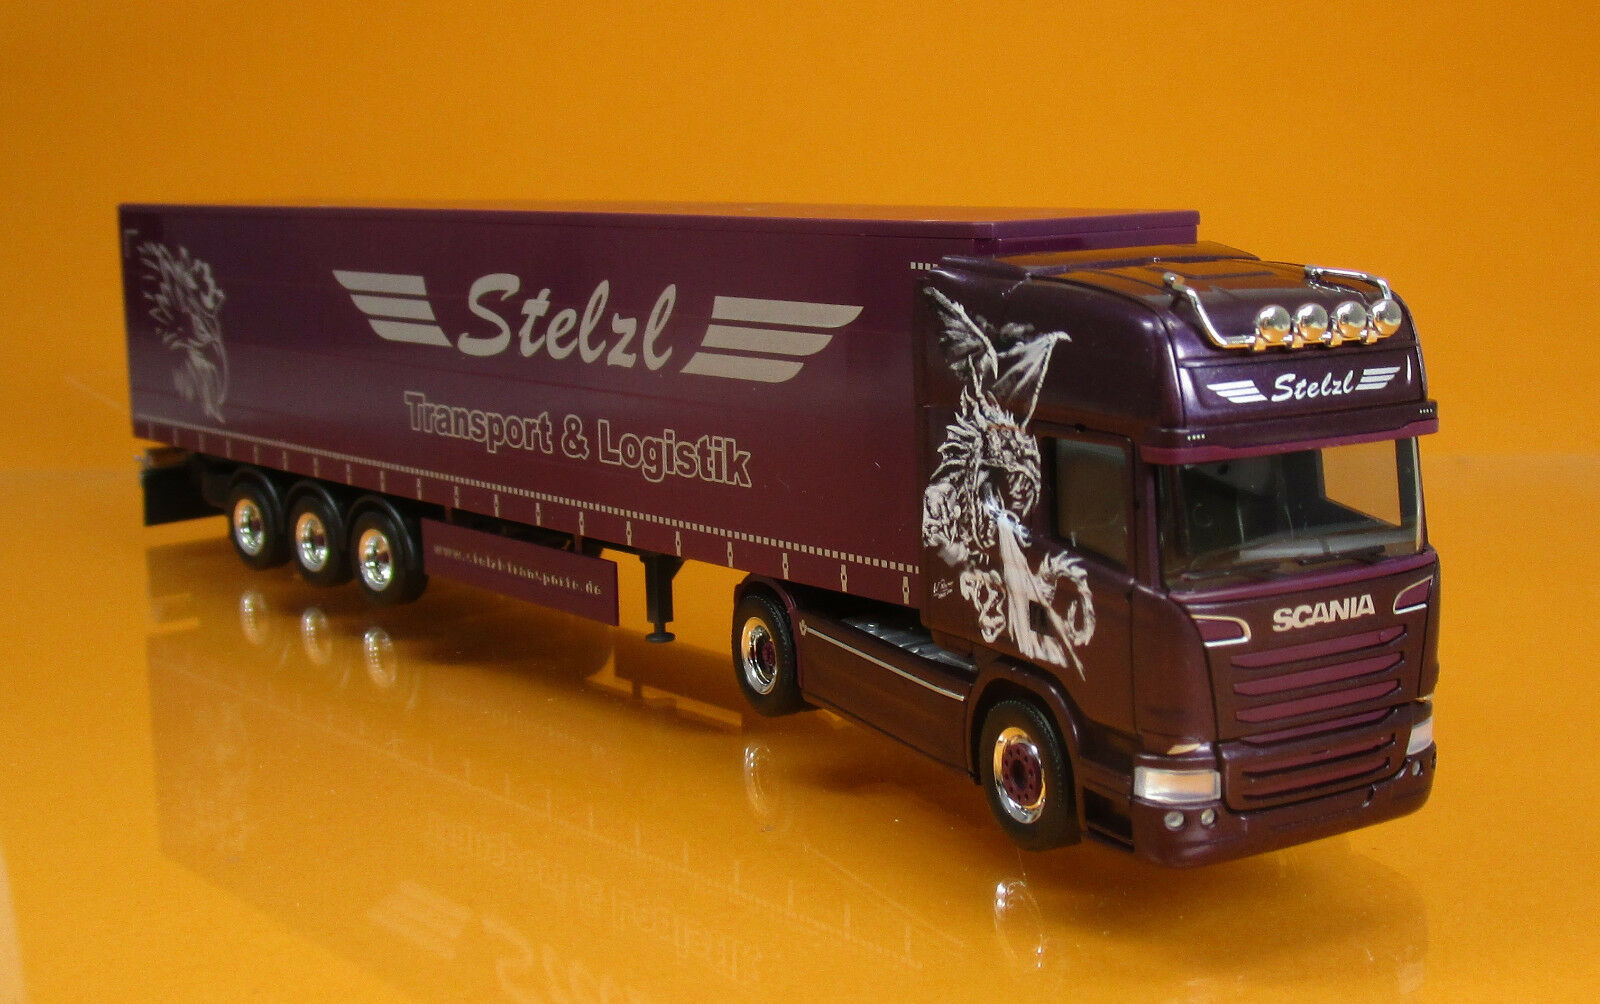 Herpa 307987 Scania R TL rideaux planifier semi-remorque camion Stelzl Scale 1 87 Nouveau neuf dans sa boîte